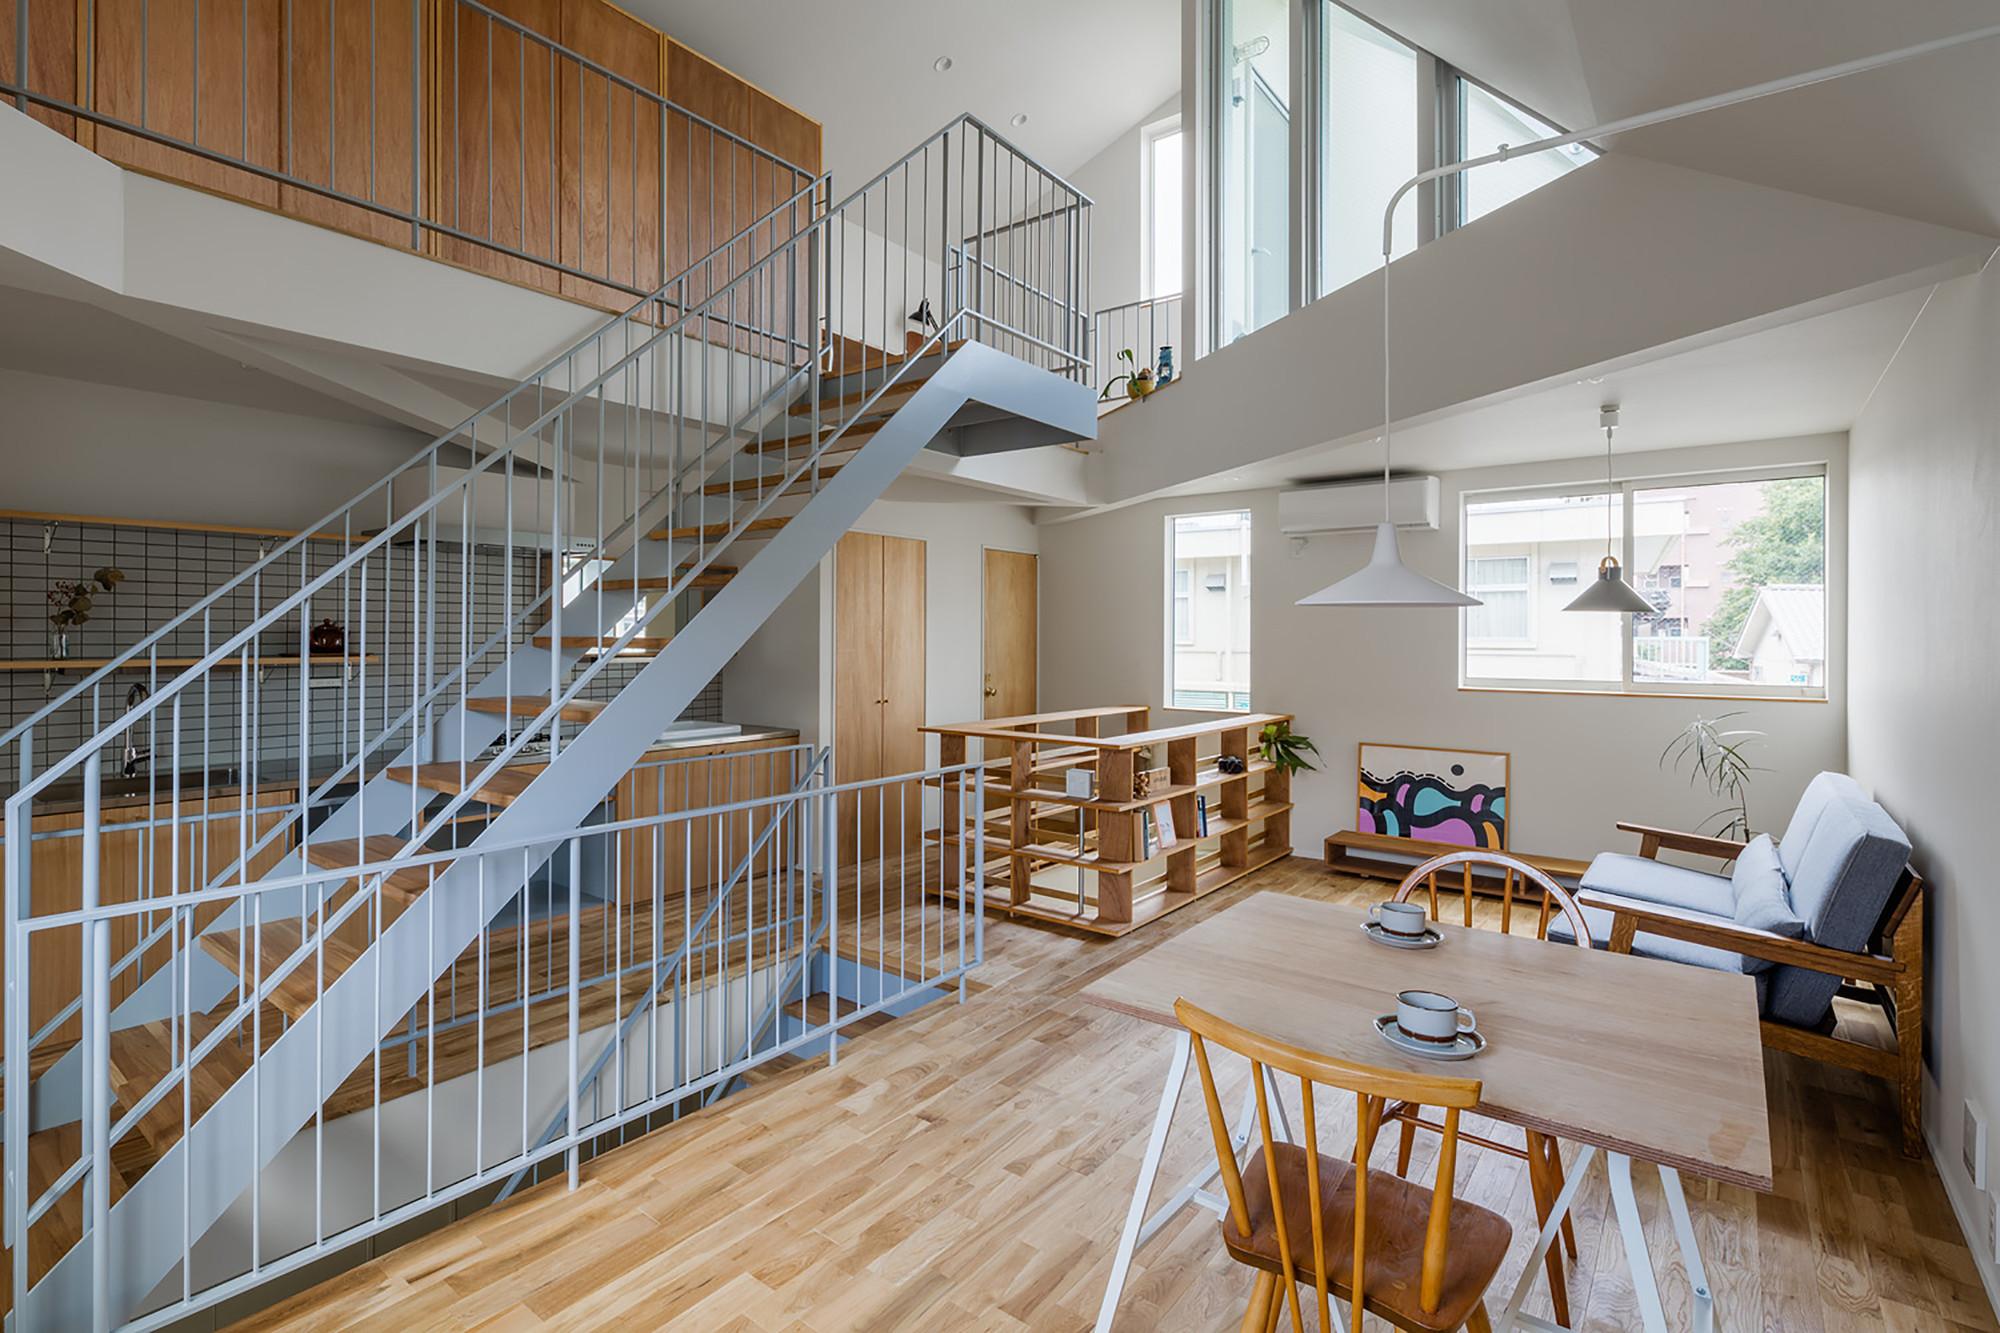 Casa en Tourimachi / SNARK + OUVI , © Ippei Shinzawa